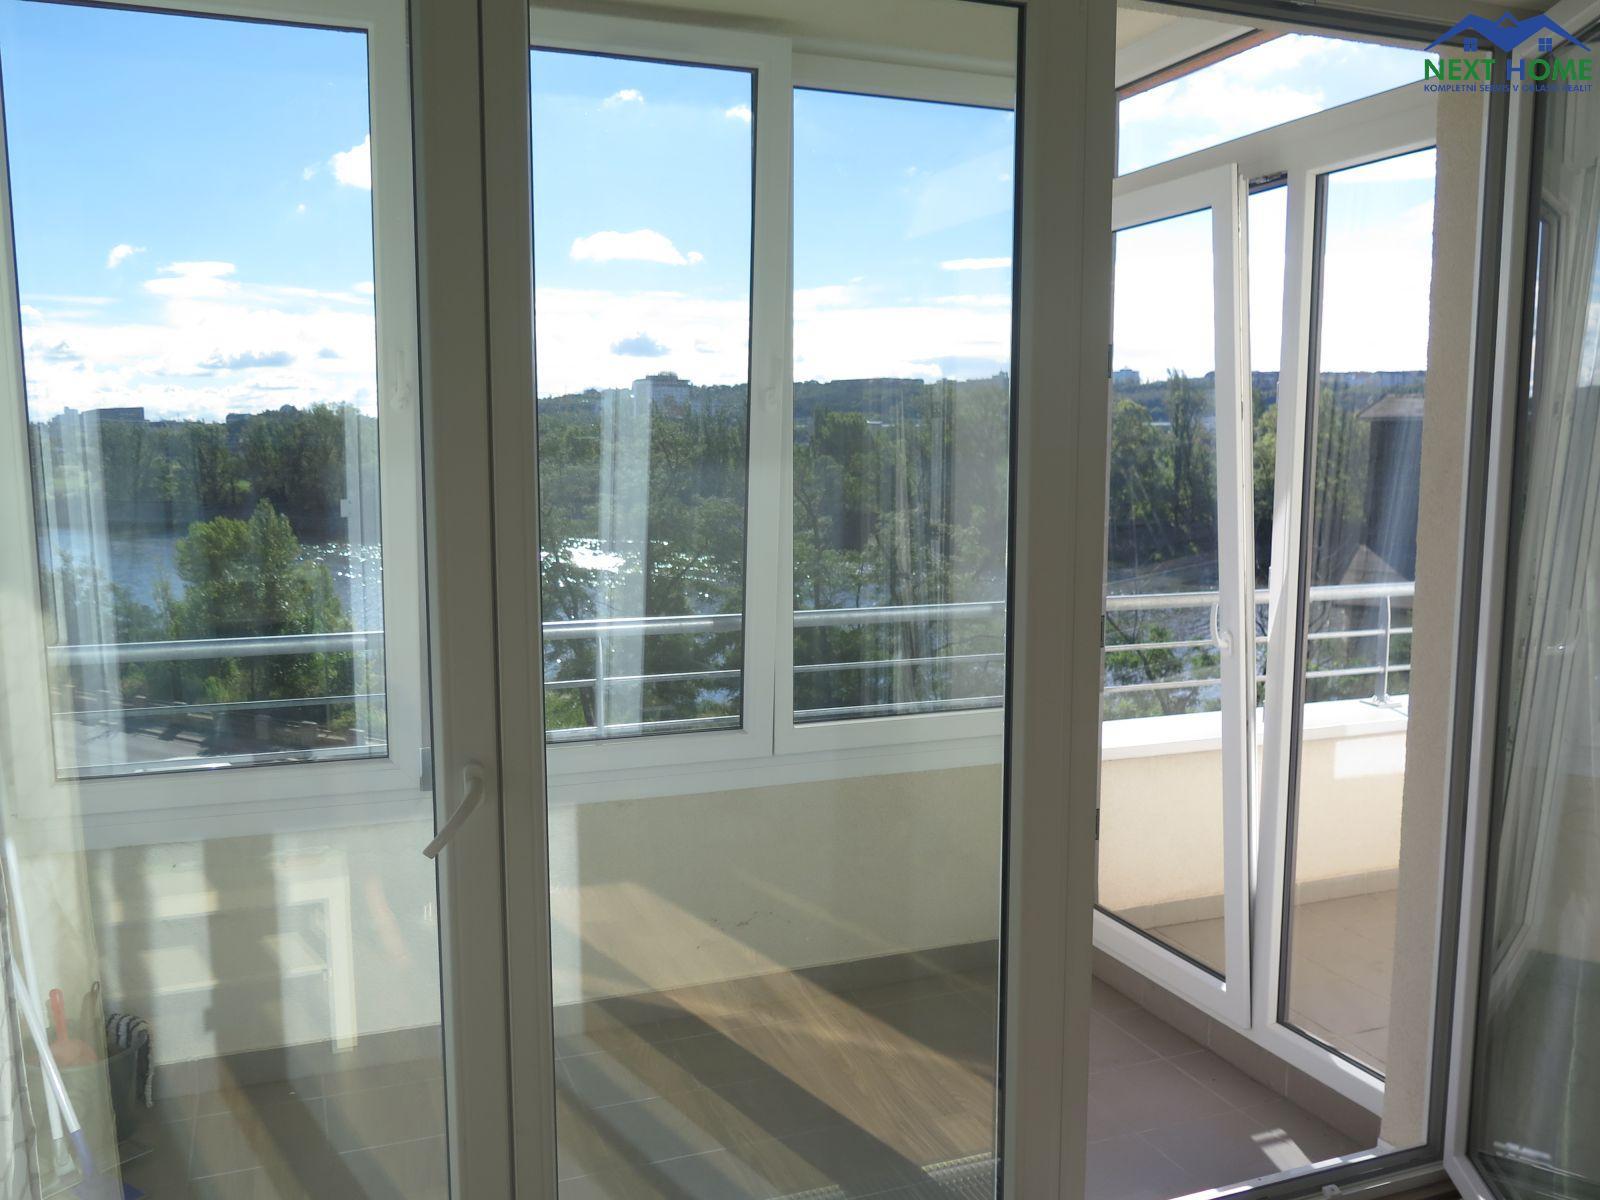 Pronájem zařízená garsoniera 30,6 m2, zimní zahrada a balkon, OV, ul. V Háji, Praha 7- Holešovice.